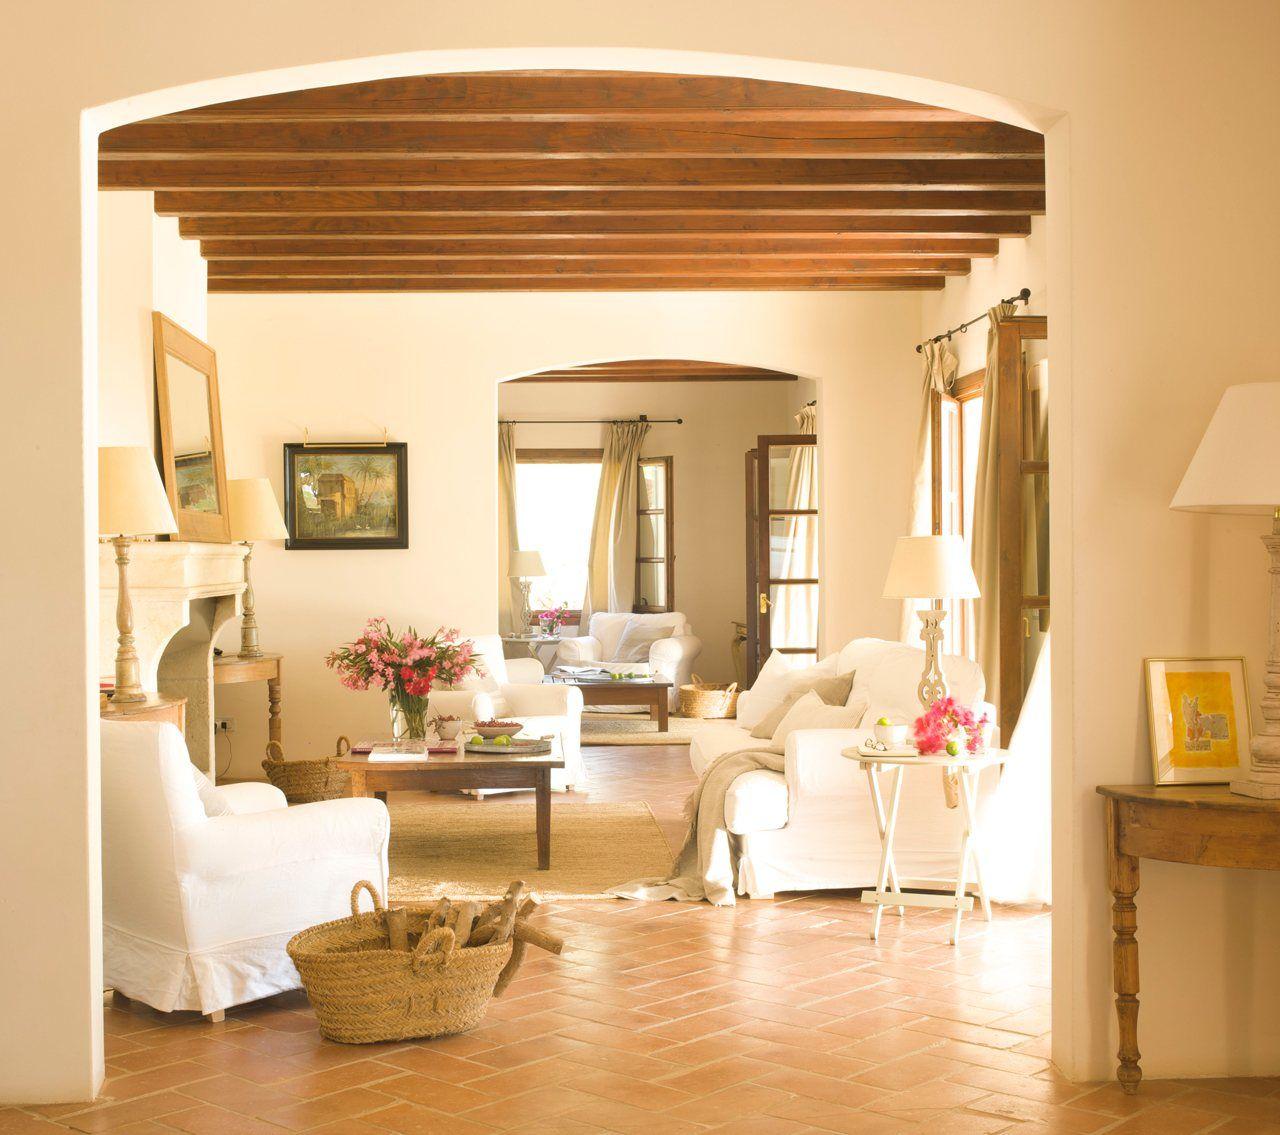 15 salones r sticos para disfrutar salones r sticos - Salones rusticos ikea ...